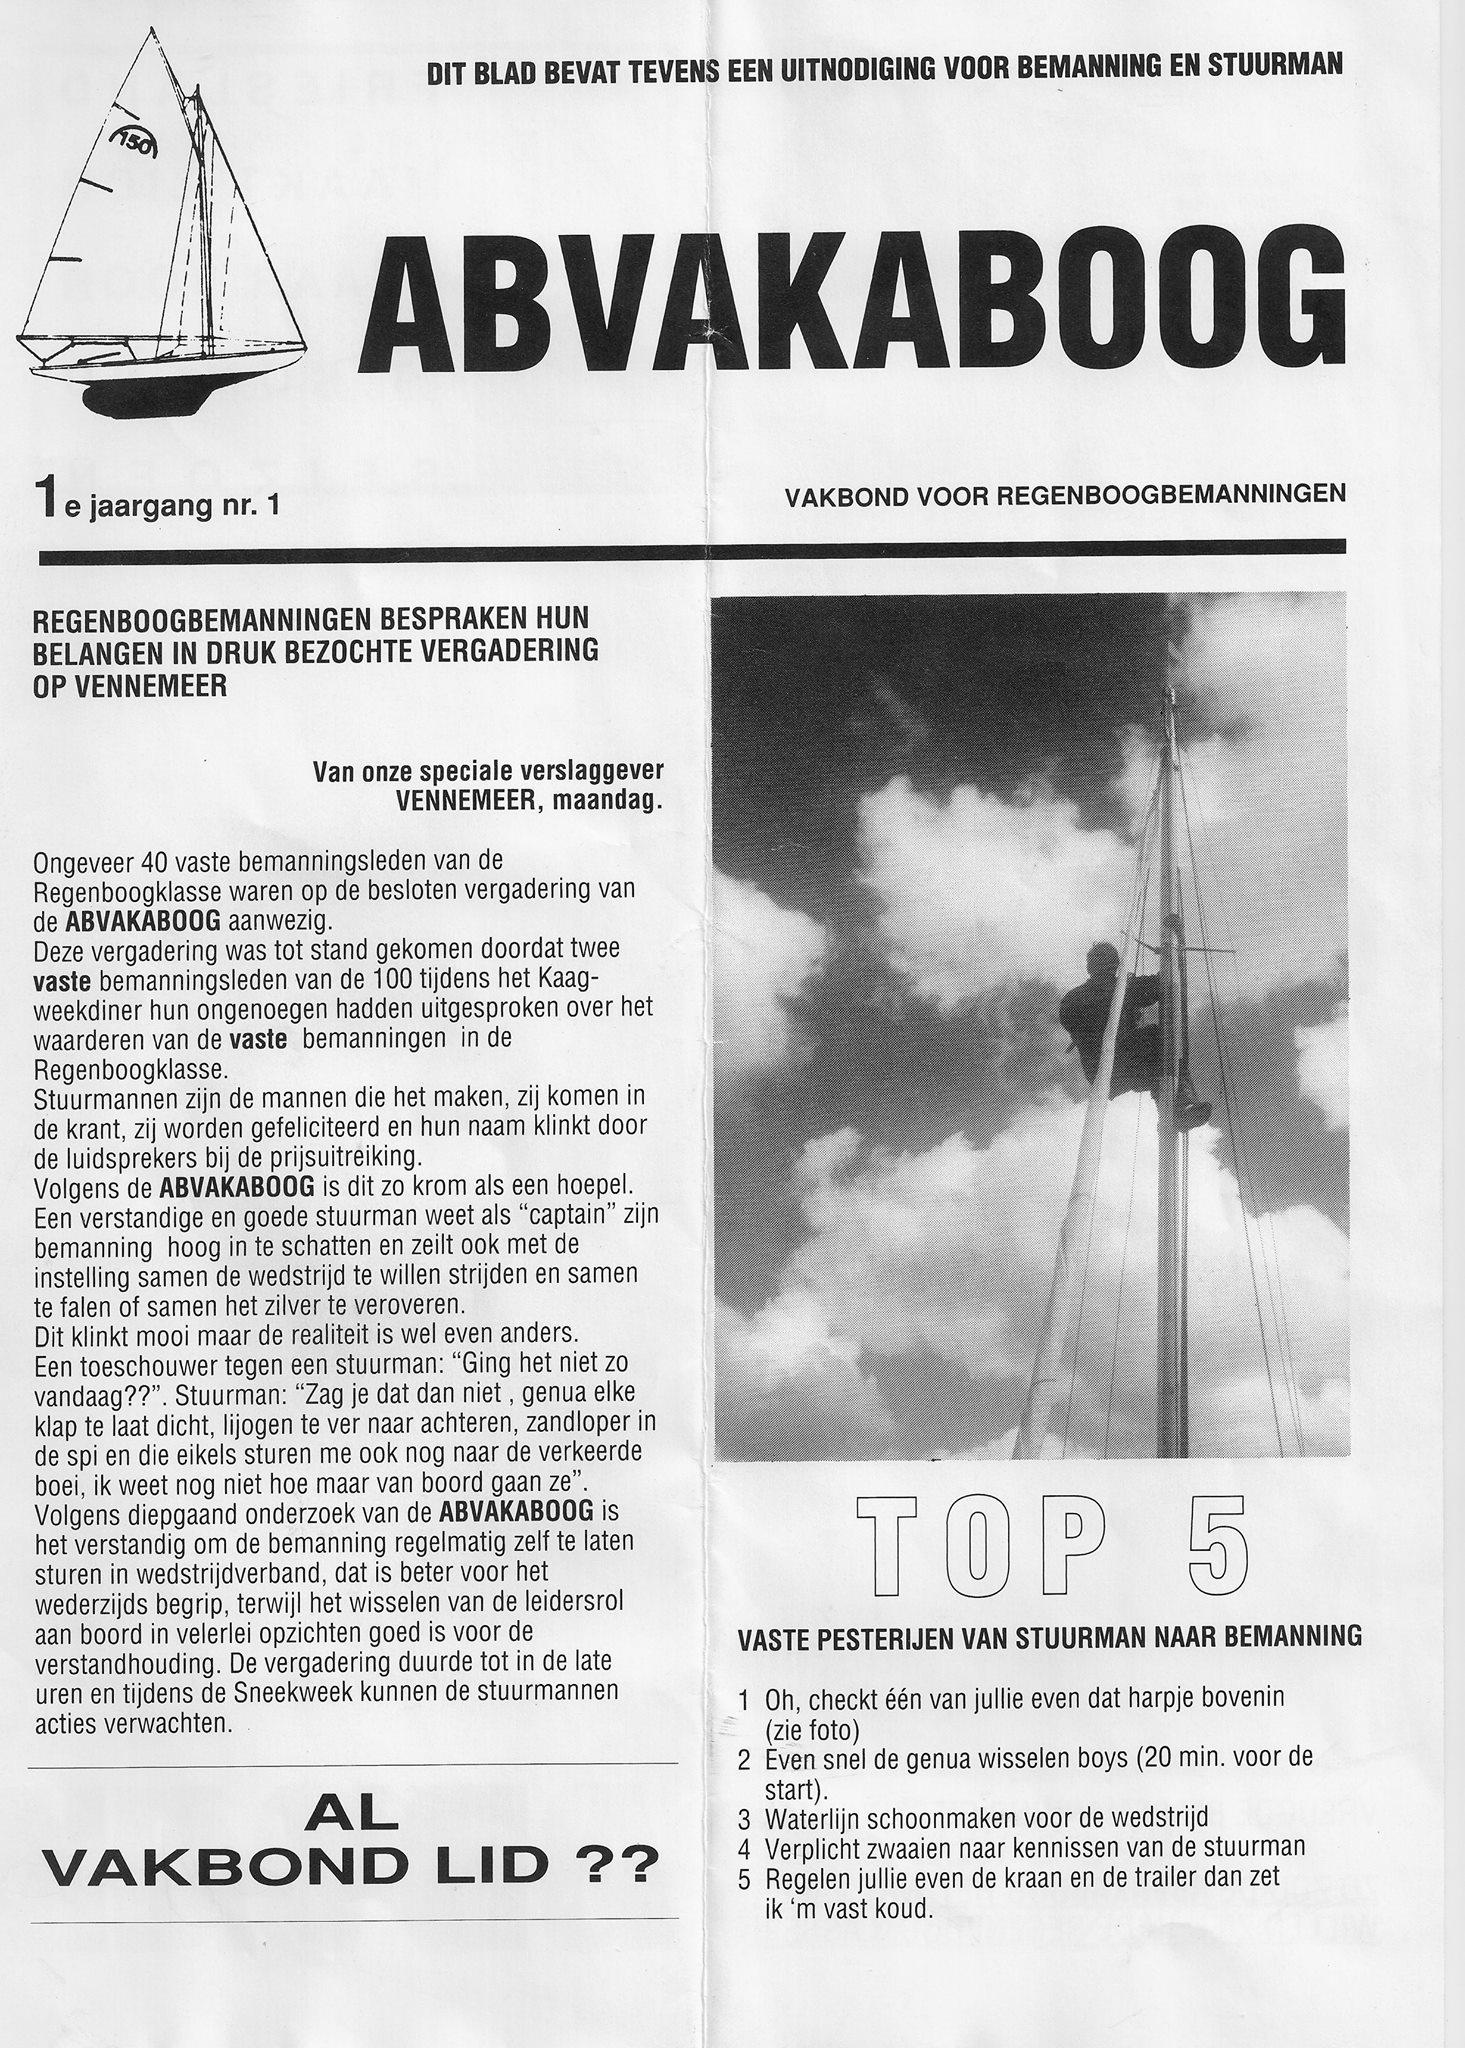 ABVAKABOOG